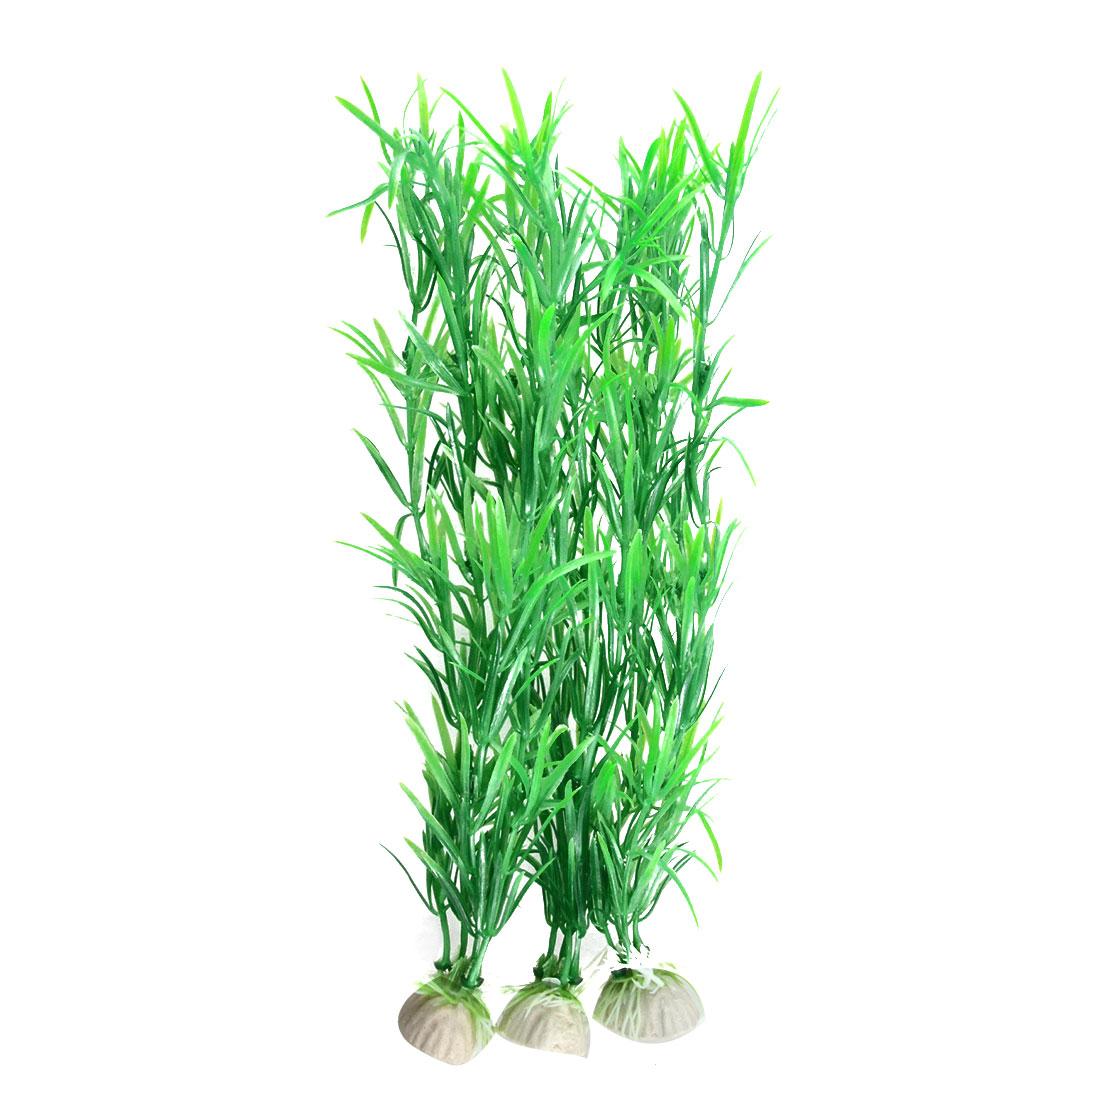 Fish Tank Plastic Green Long Thin Leaf Grass Ornament